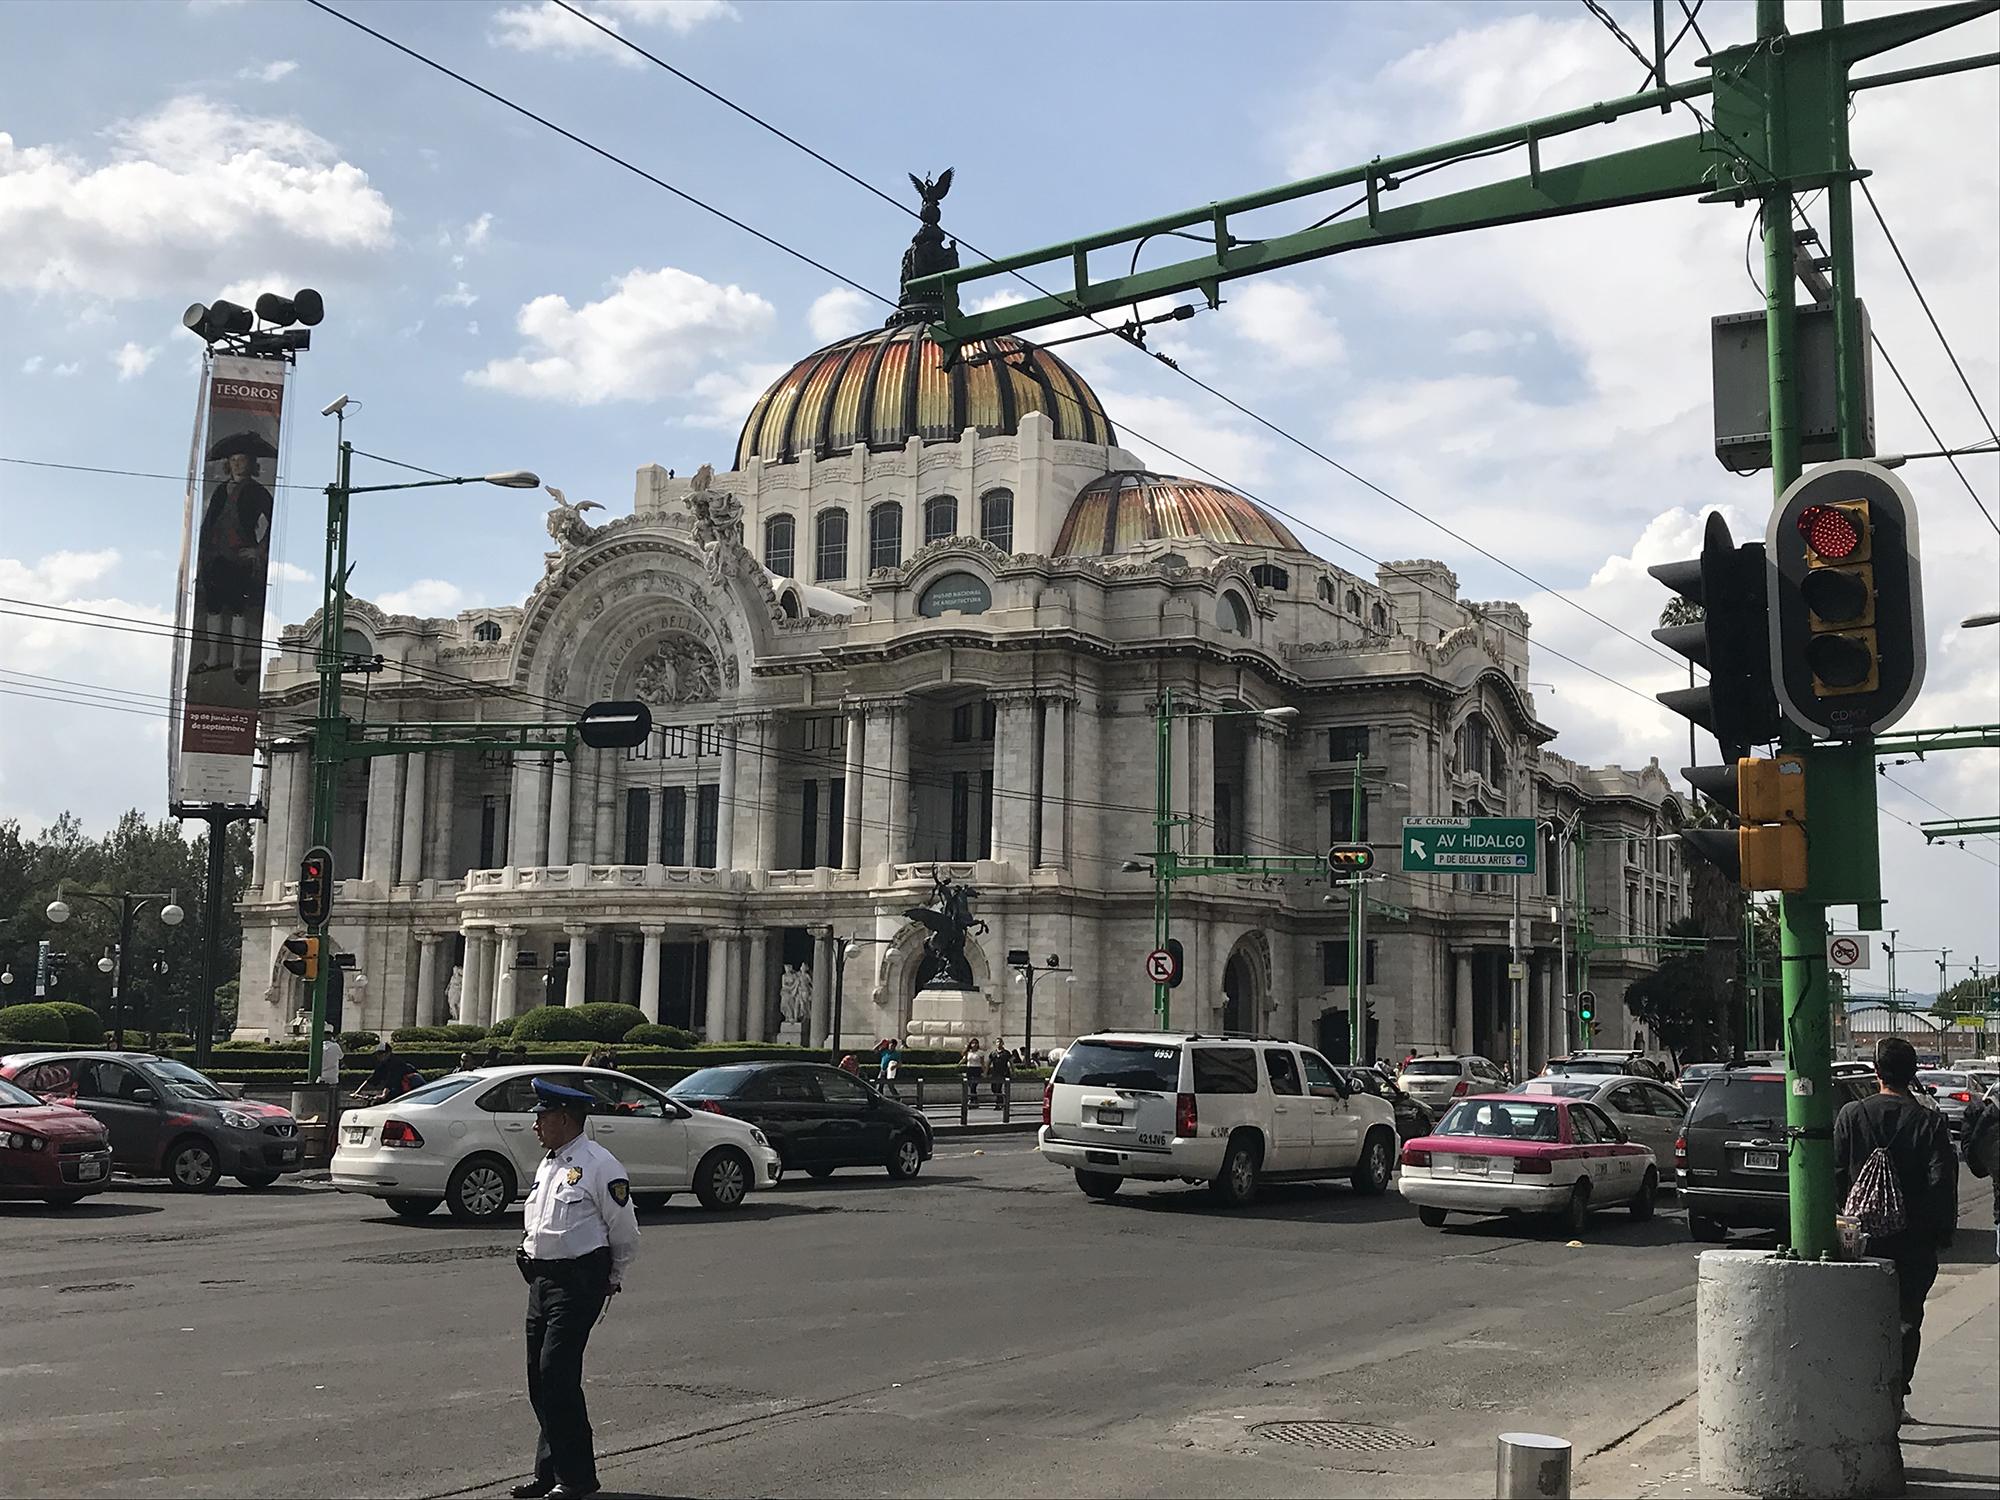 Mexico City. Miasto, które nie miało szans powstać